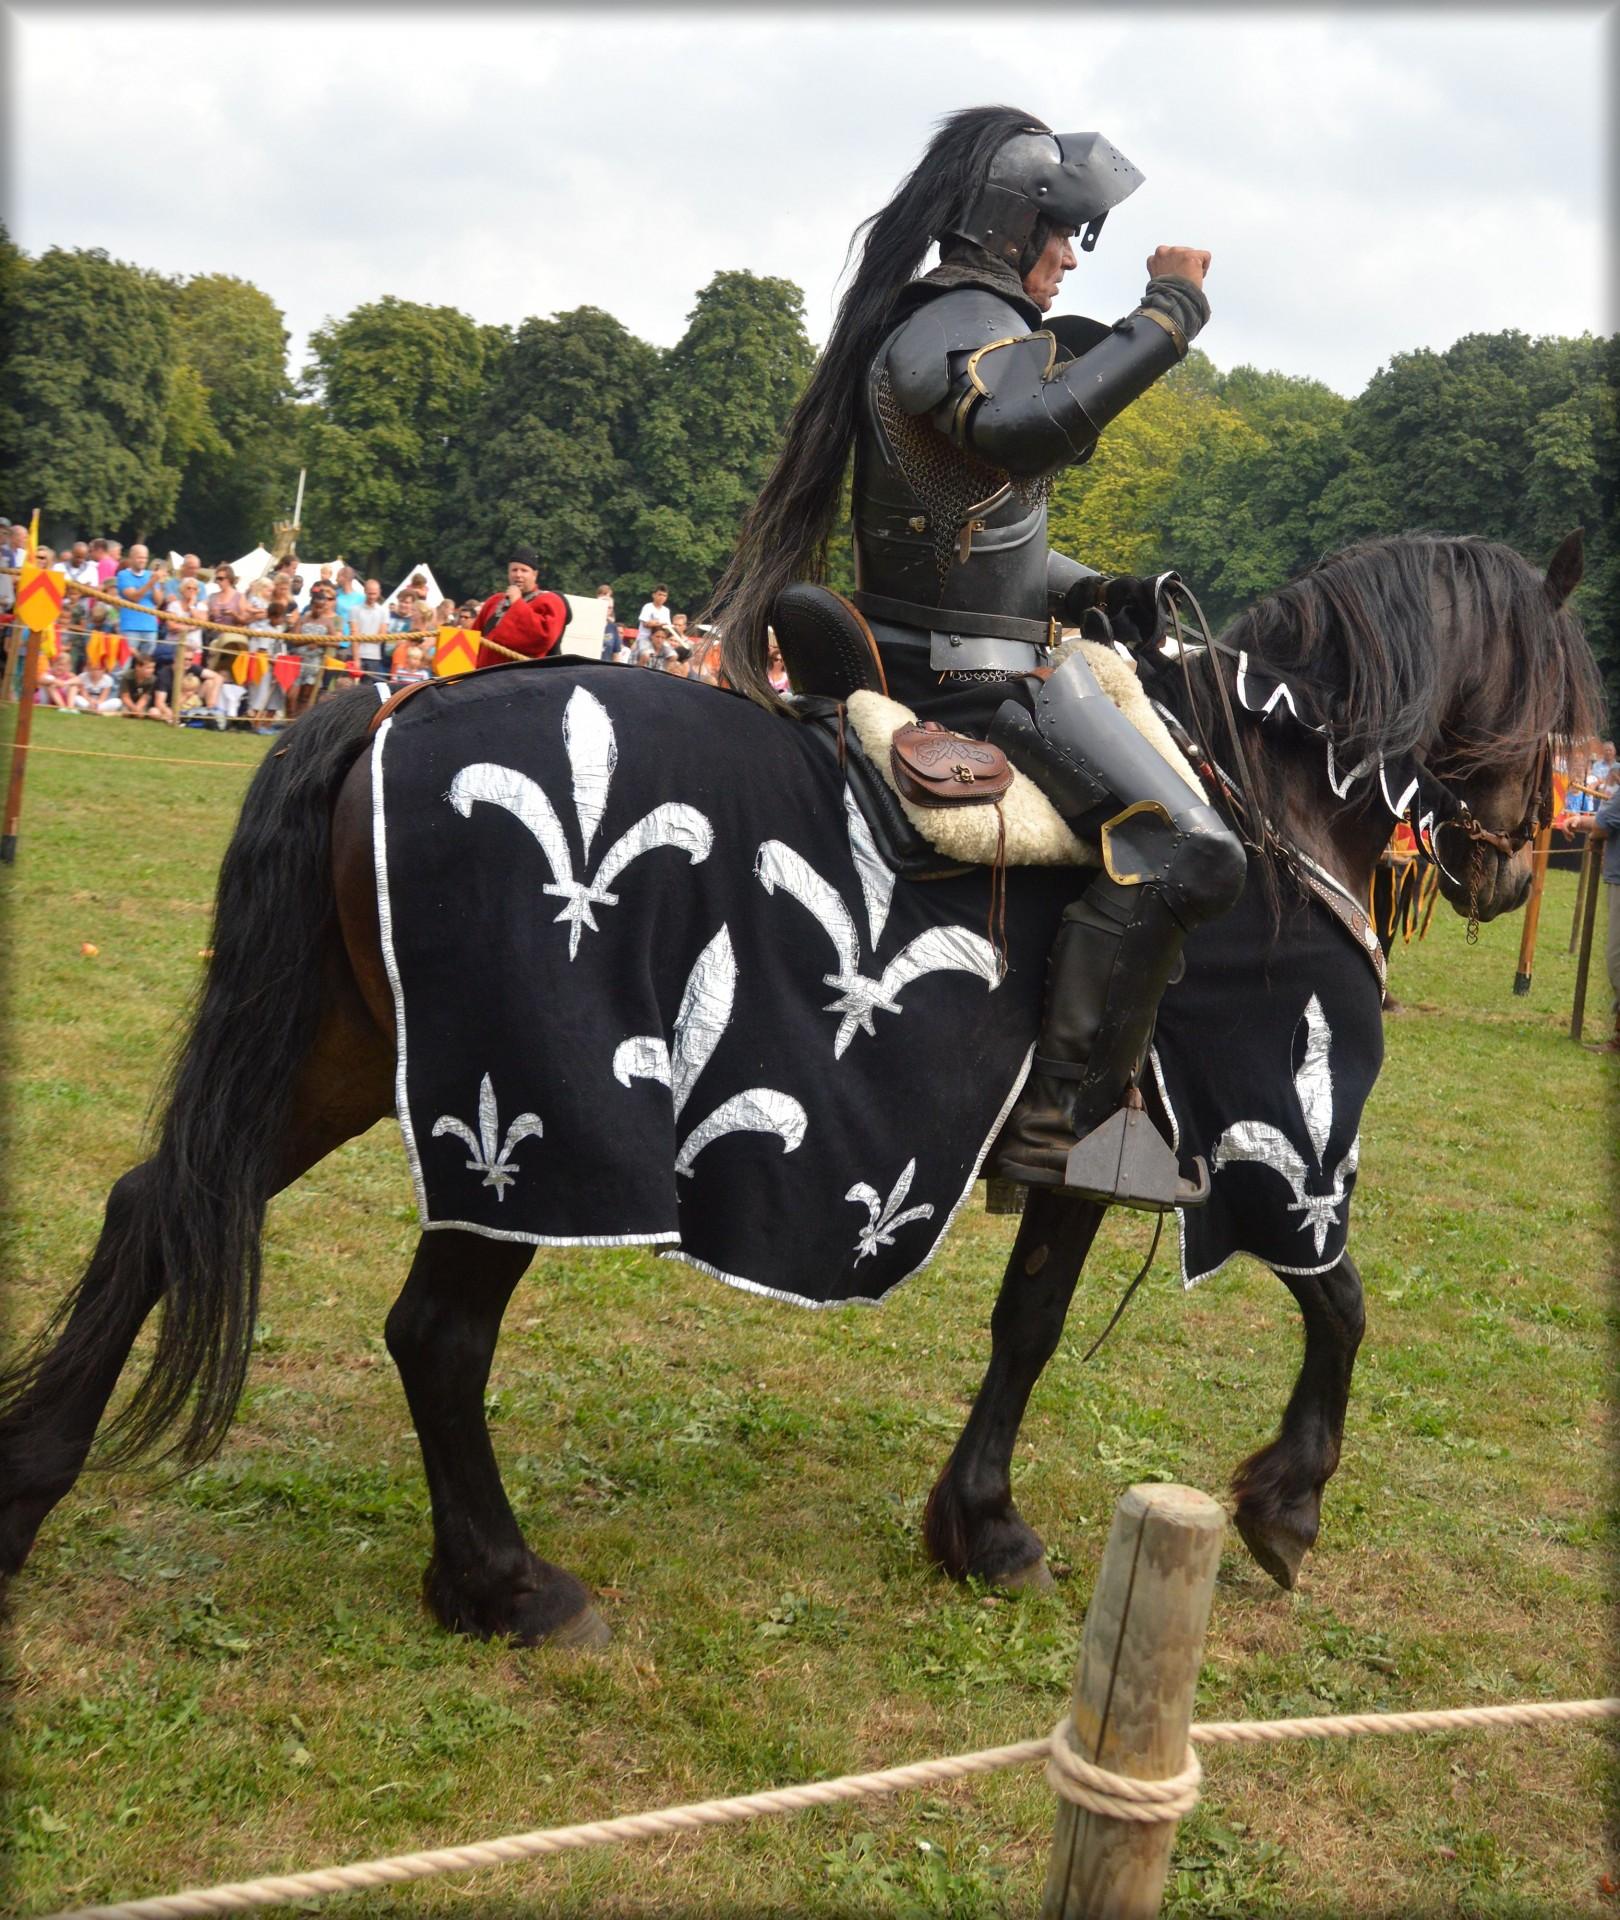 рыцари на лошадях картинки сделала очень объёмное